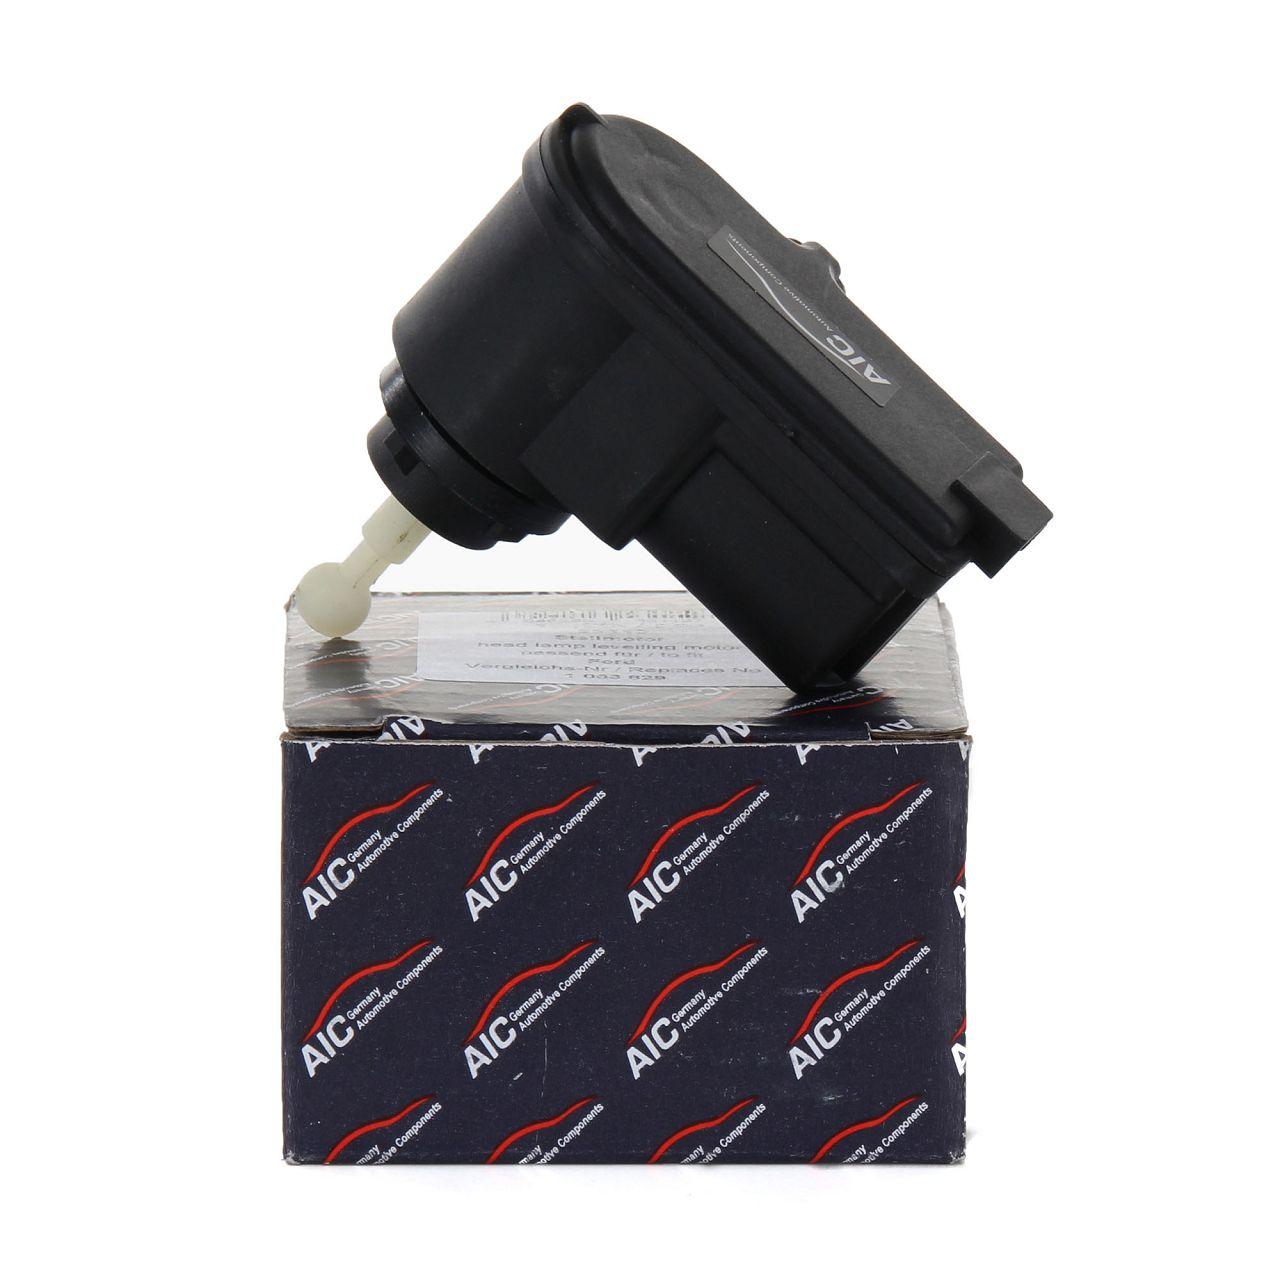 AIC Stellmotor Scheinwerfer Leuchtweitenregulierung LWR für FORD FOCUS I MK1